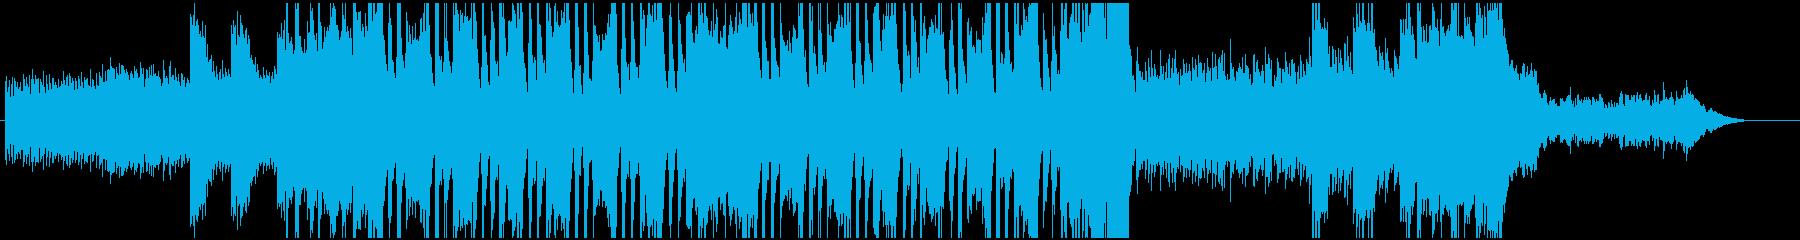 脱出シーンの再生済みの波形